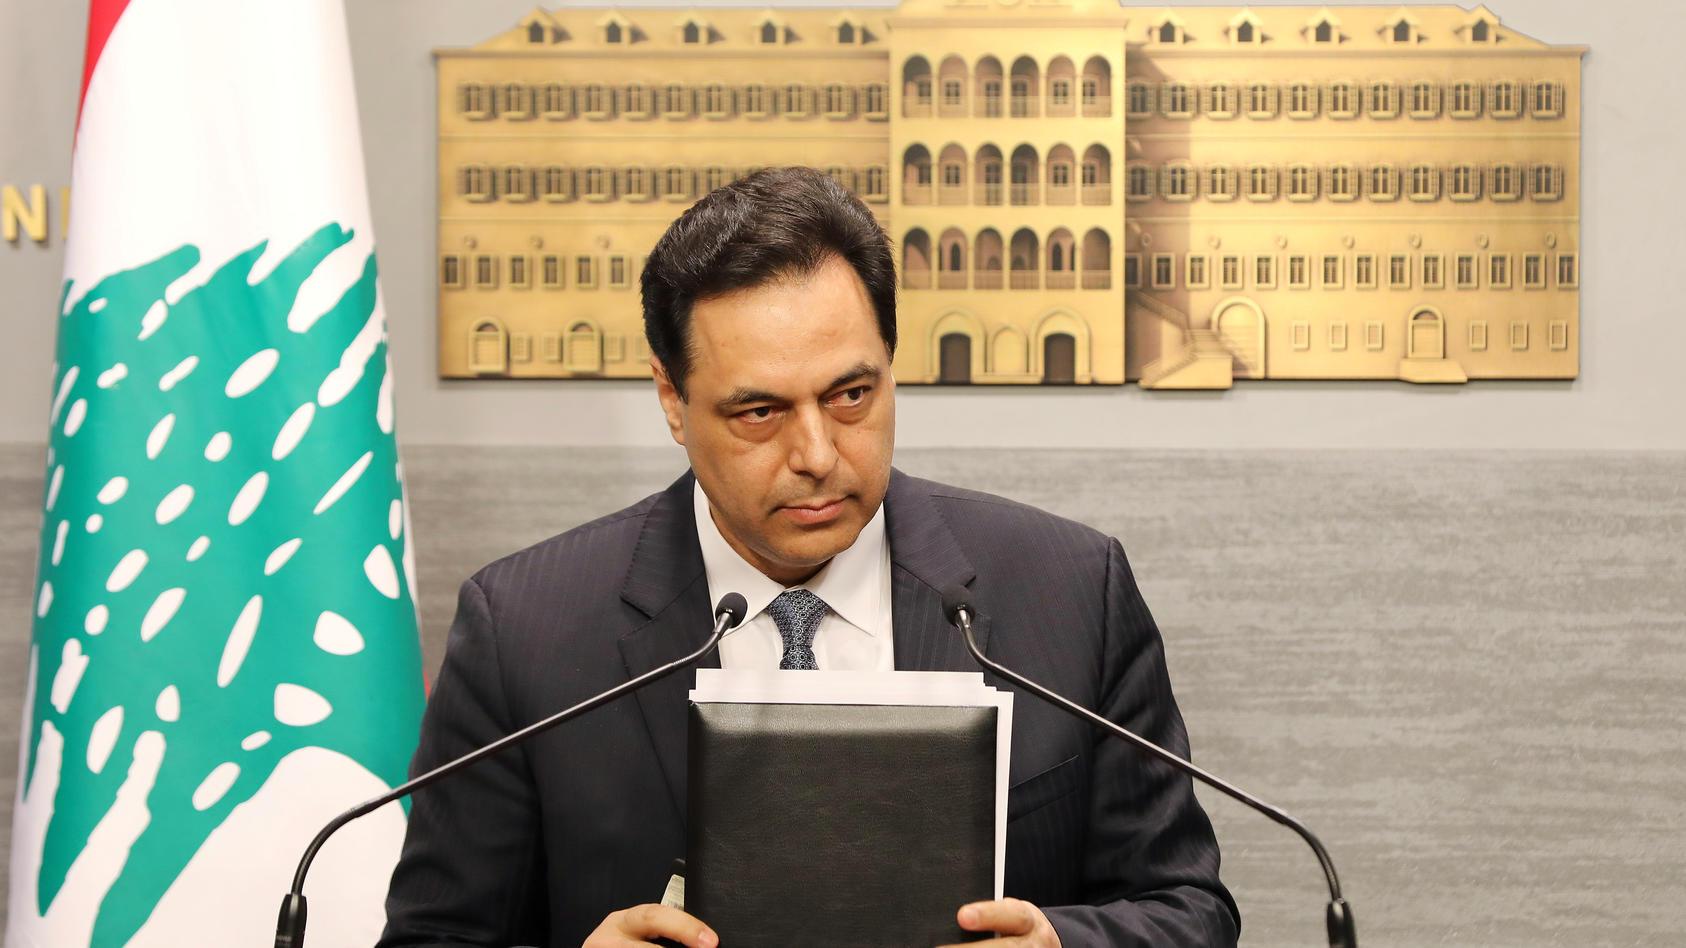 Der libanesische Premierminister Hassan Diab gab in einer TV-Ansprache seinen Rücktritt bekannt.